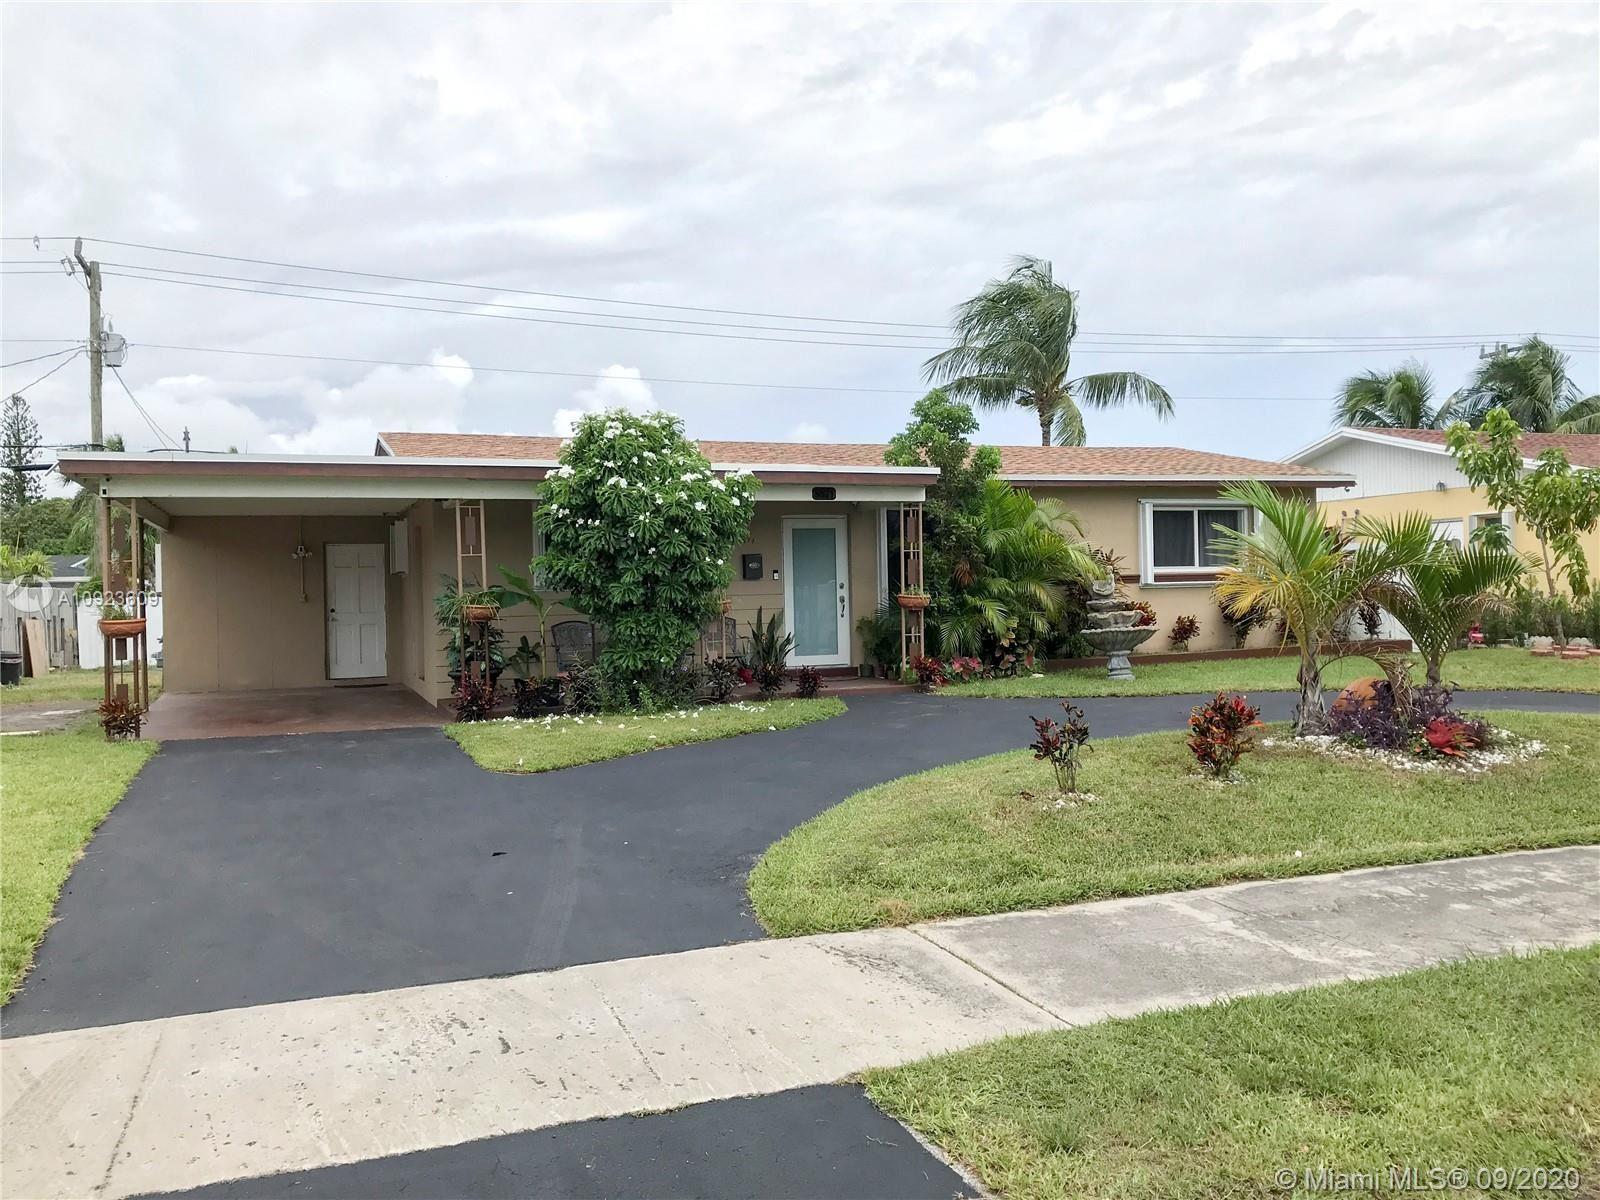 8871 Ridgeland Dr, Cutler Bay, FL 33157 - #: A10923609